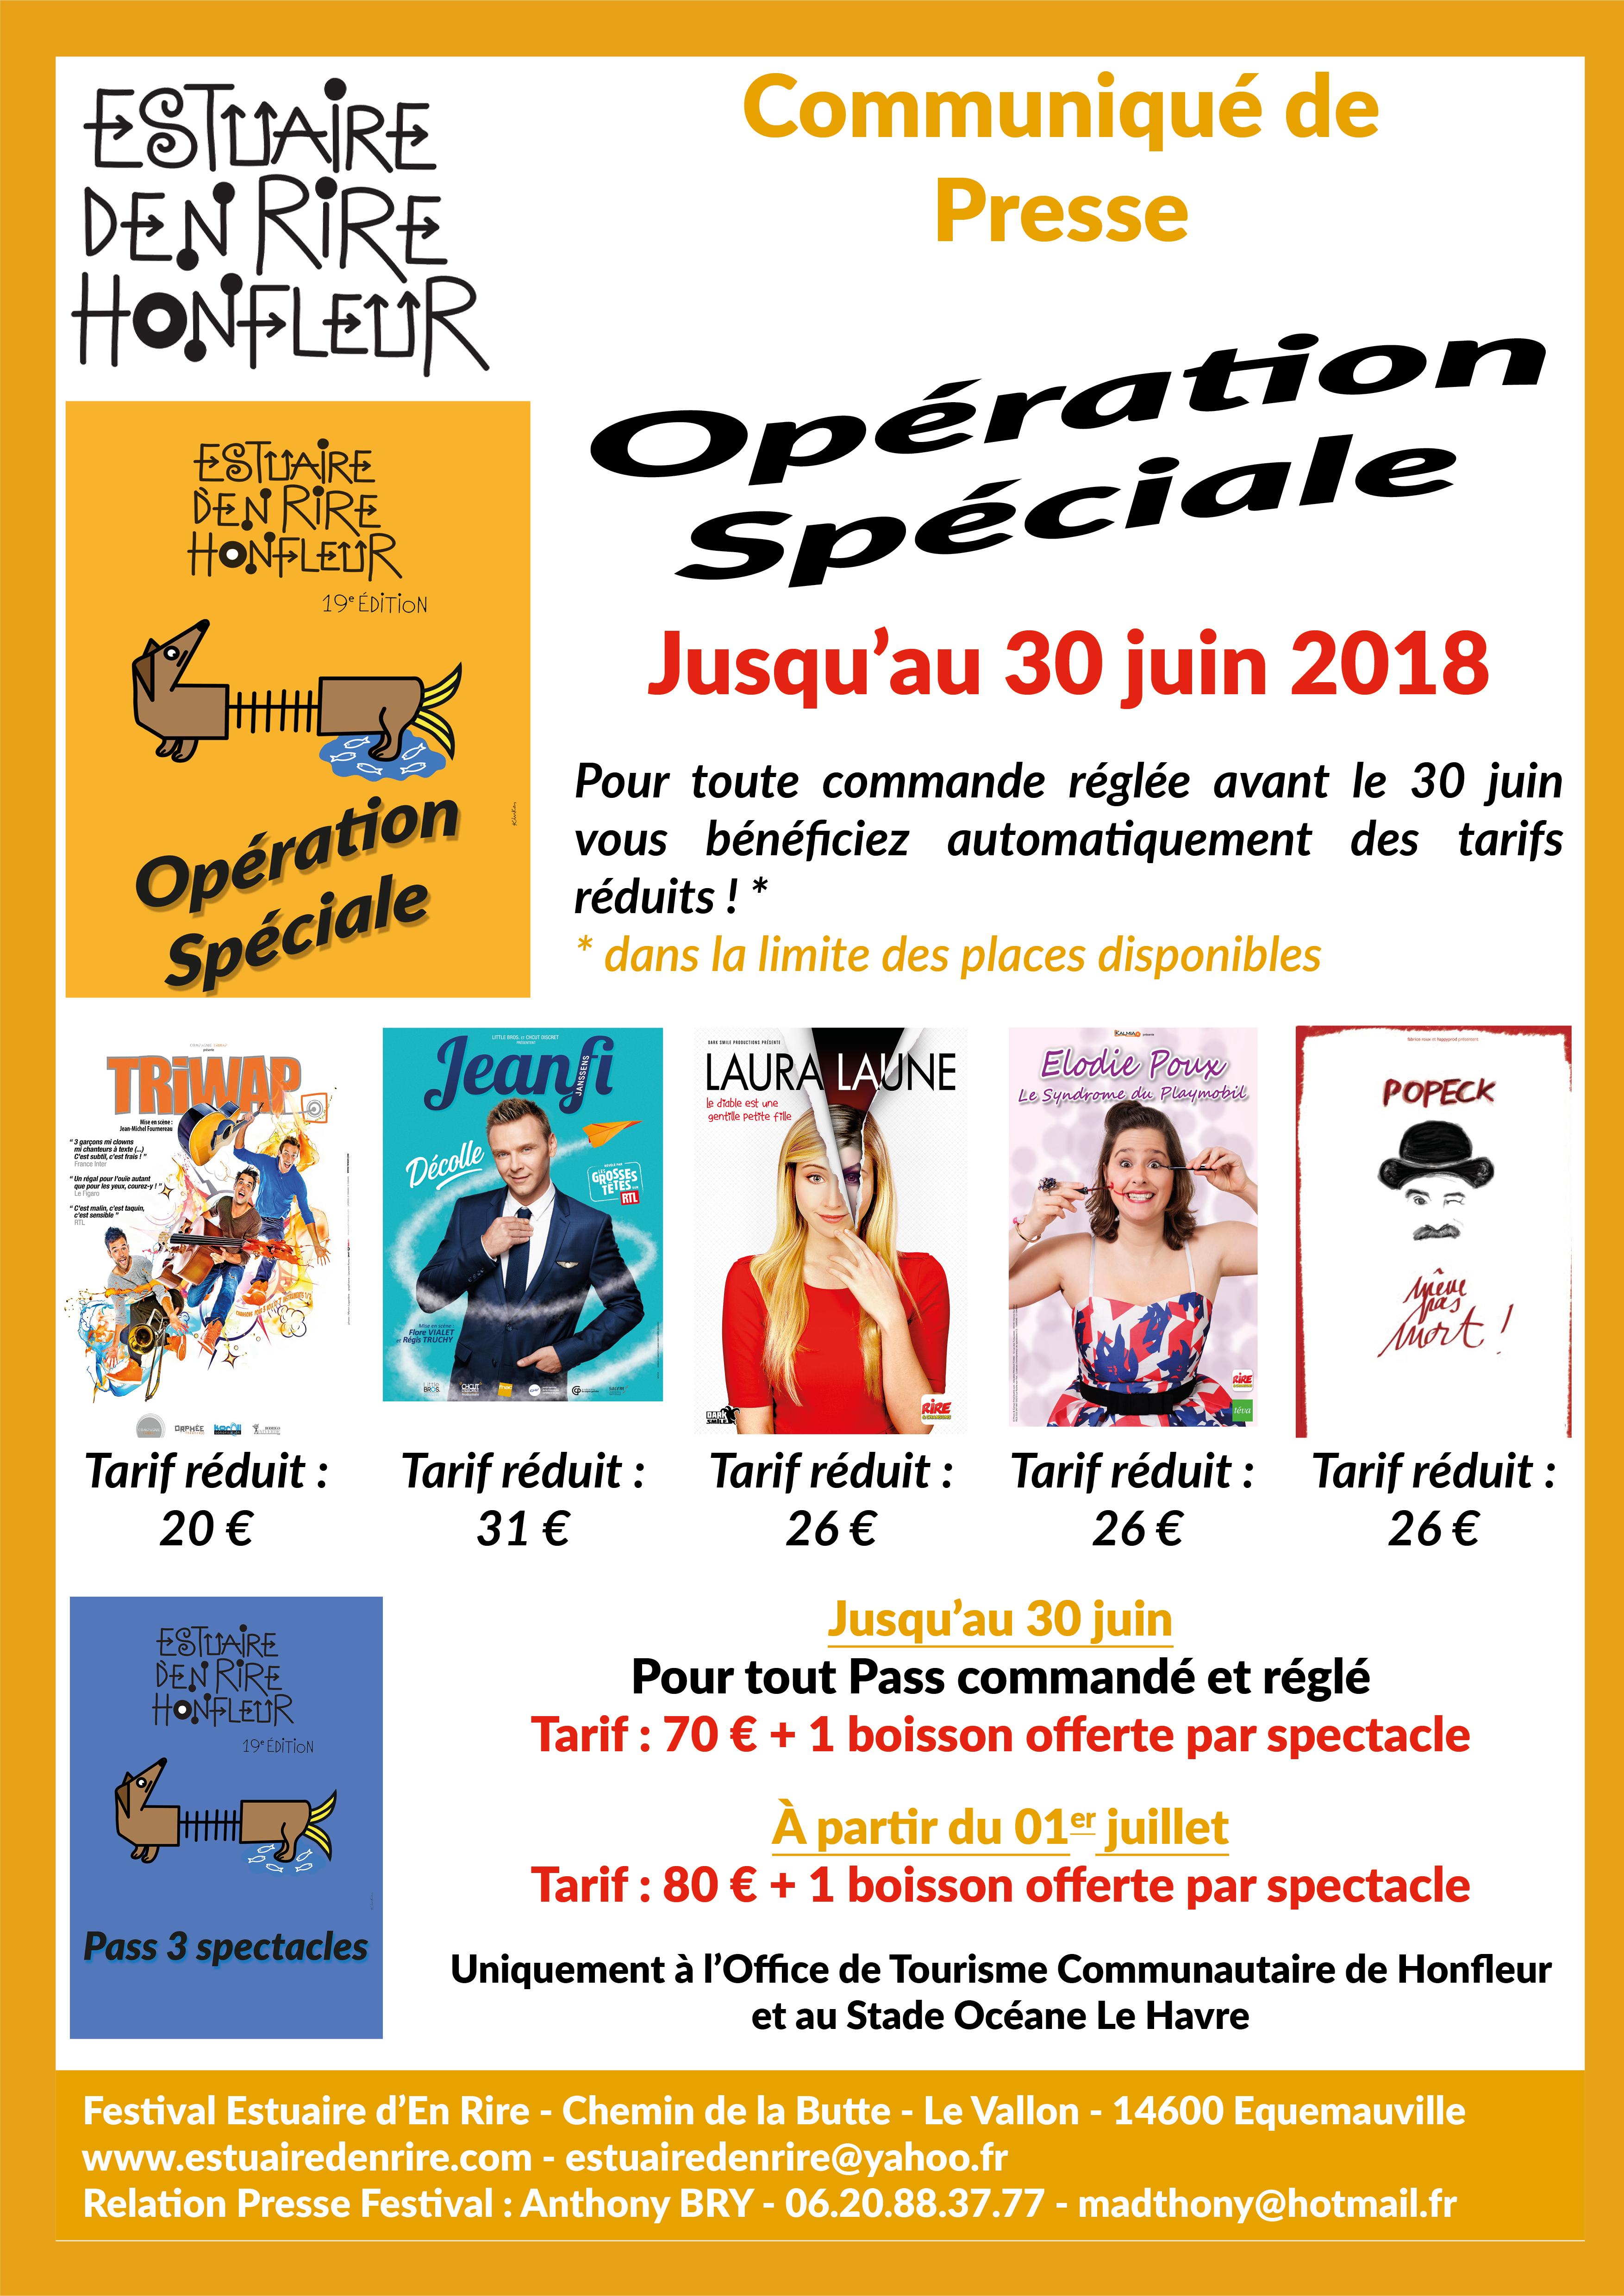 02_-_Communiqué_de_Presse_-_Opération_